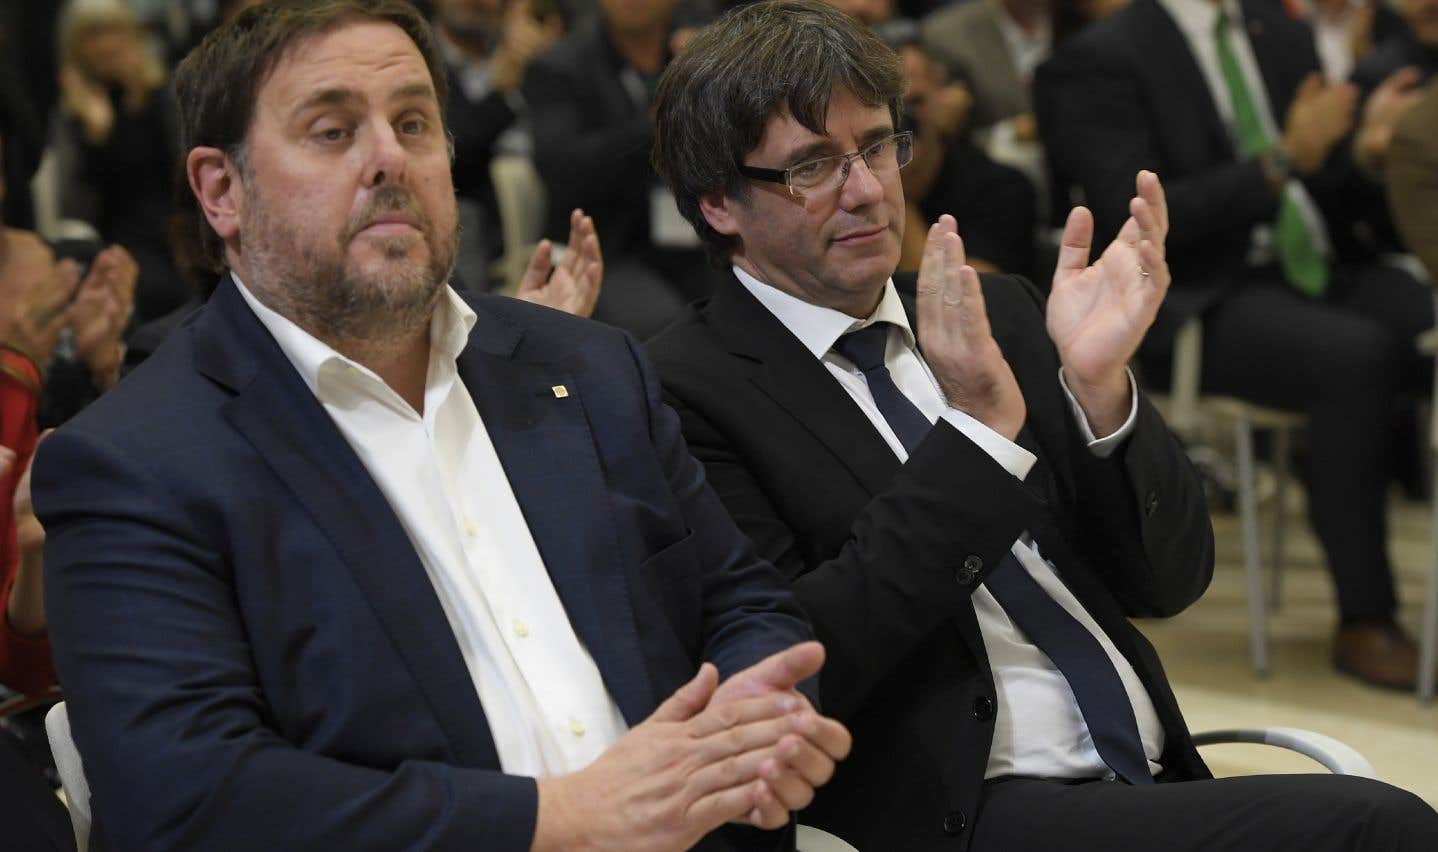 Le dialogue peut uniquement porter sur l'indépendance, avertit l'exécutif catalan